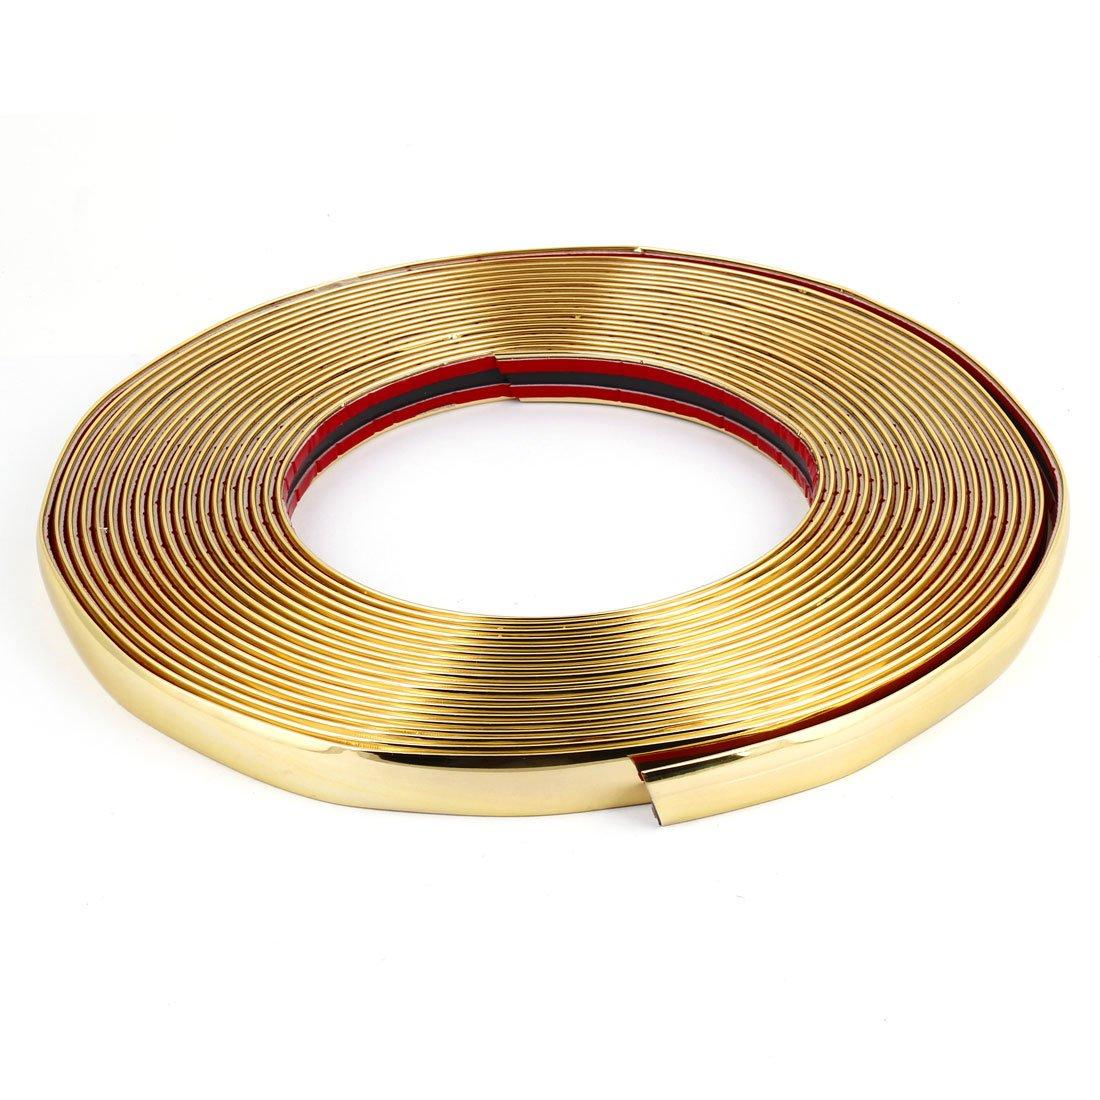 15m x 18mm Gold Tone Car Decoration Soft Chrome Moulding Trim Strip